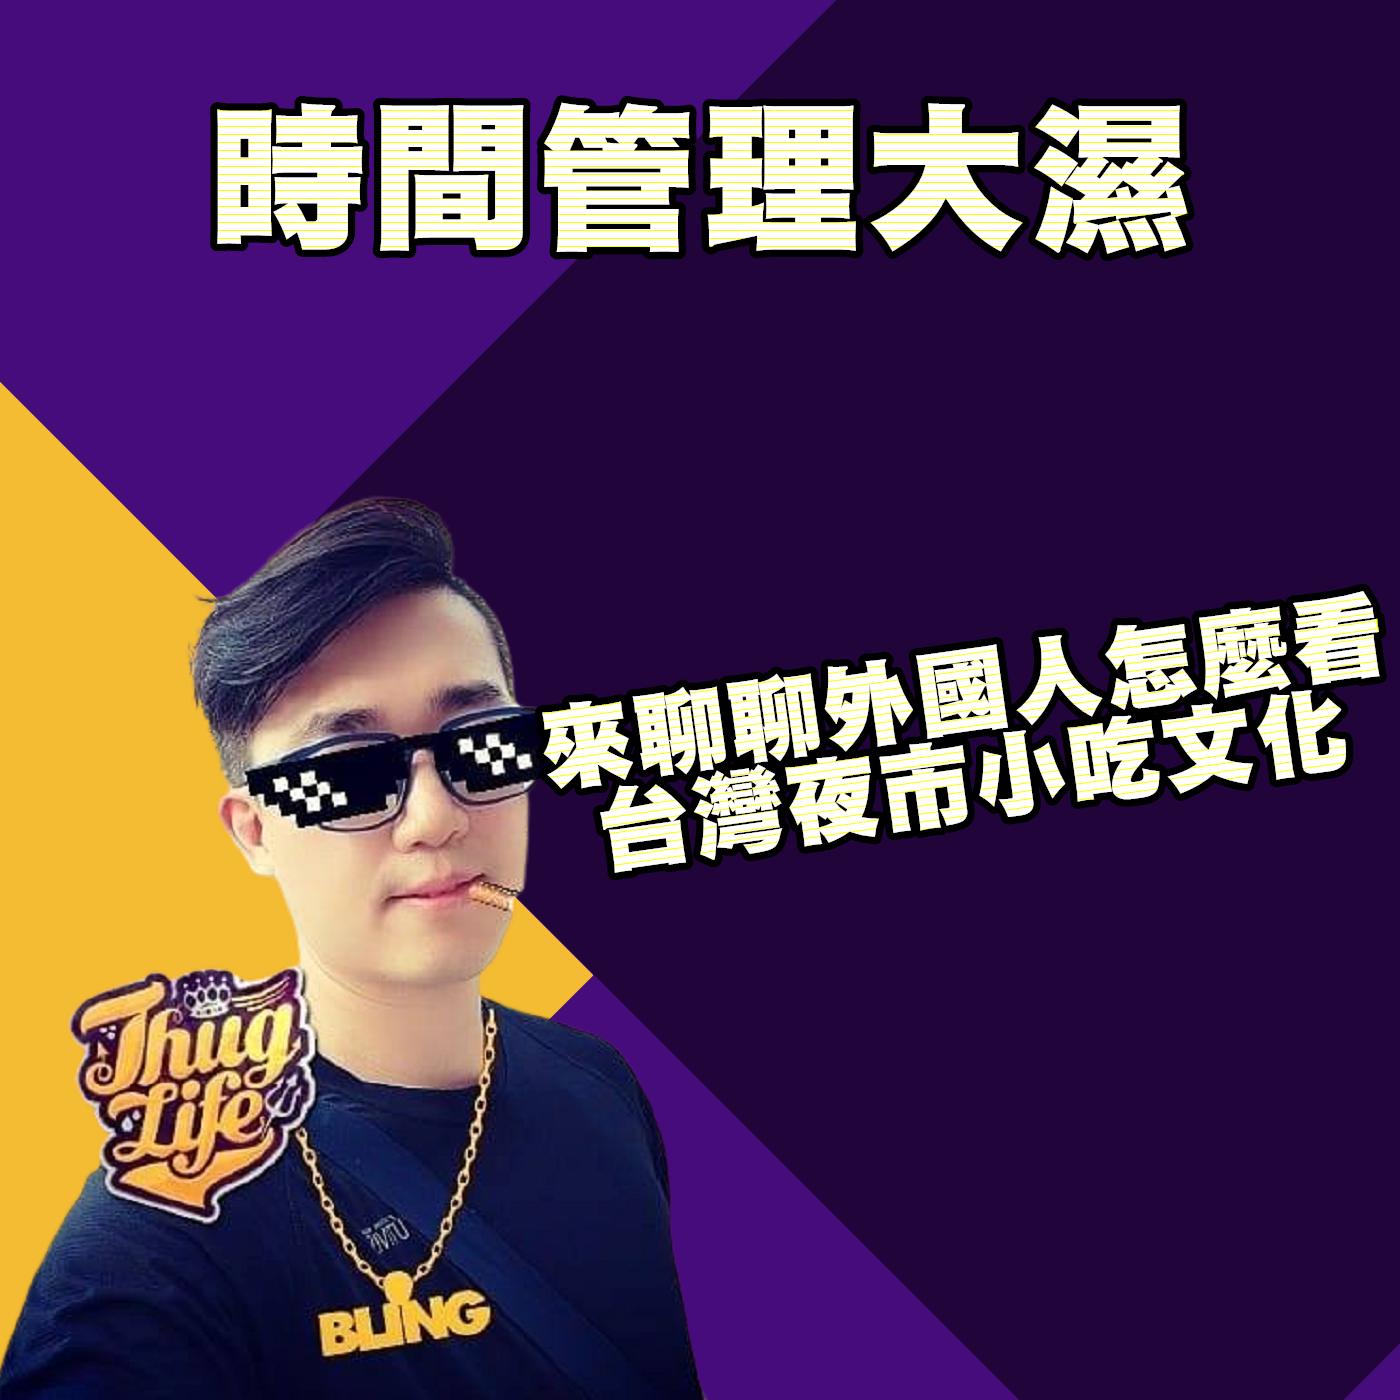 EP.6 【小吃時間】來聊聊外國人怎麼看,台灣夜市小吃文化  ft 姐就是任性 蕭凱莉